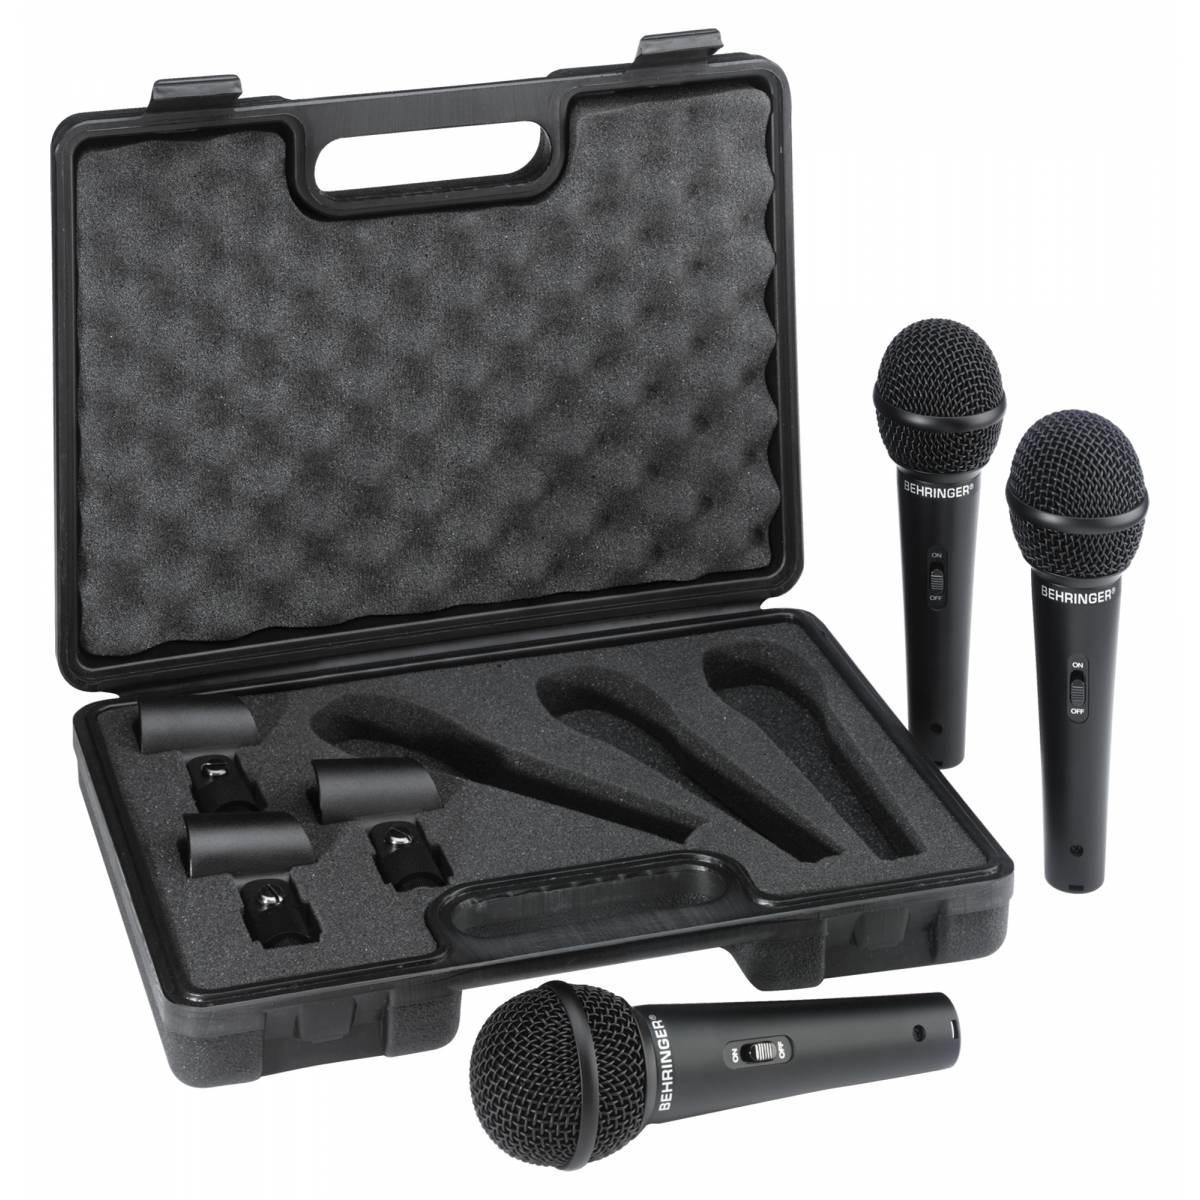 Behringer XM 1800S 3-PACK Комплект из 3-х суперкардиоидных динамических микрофонов с выключателями